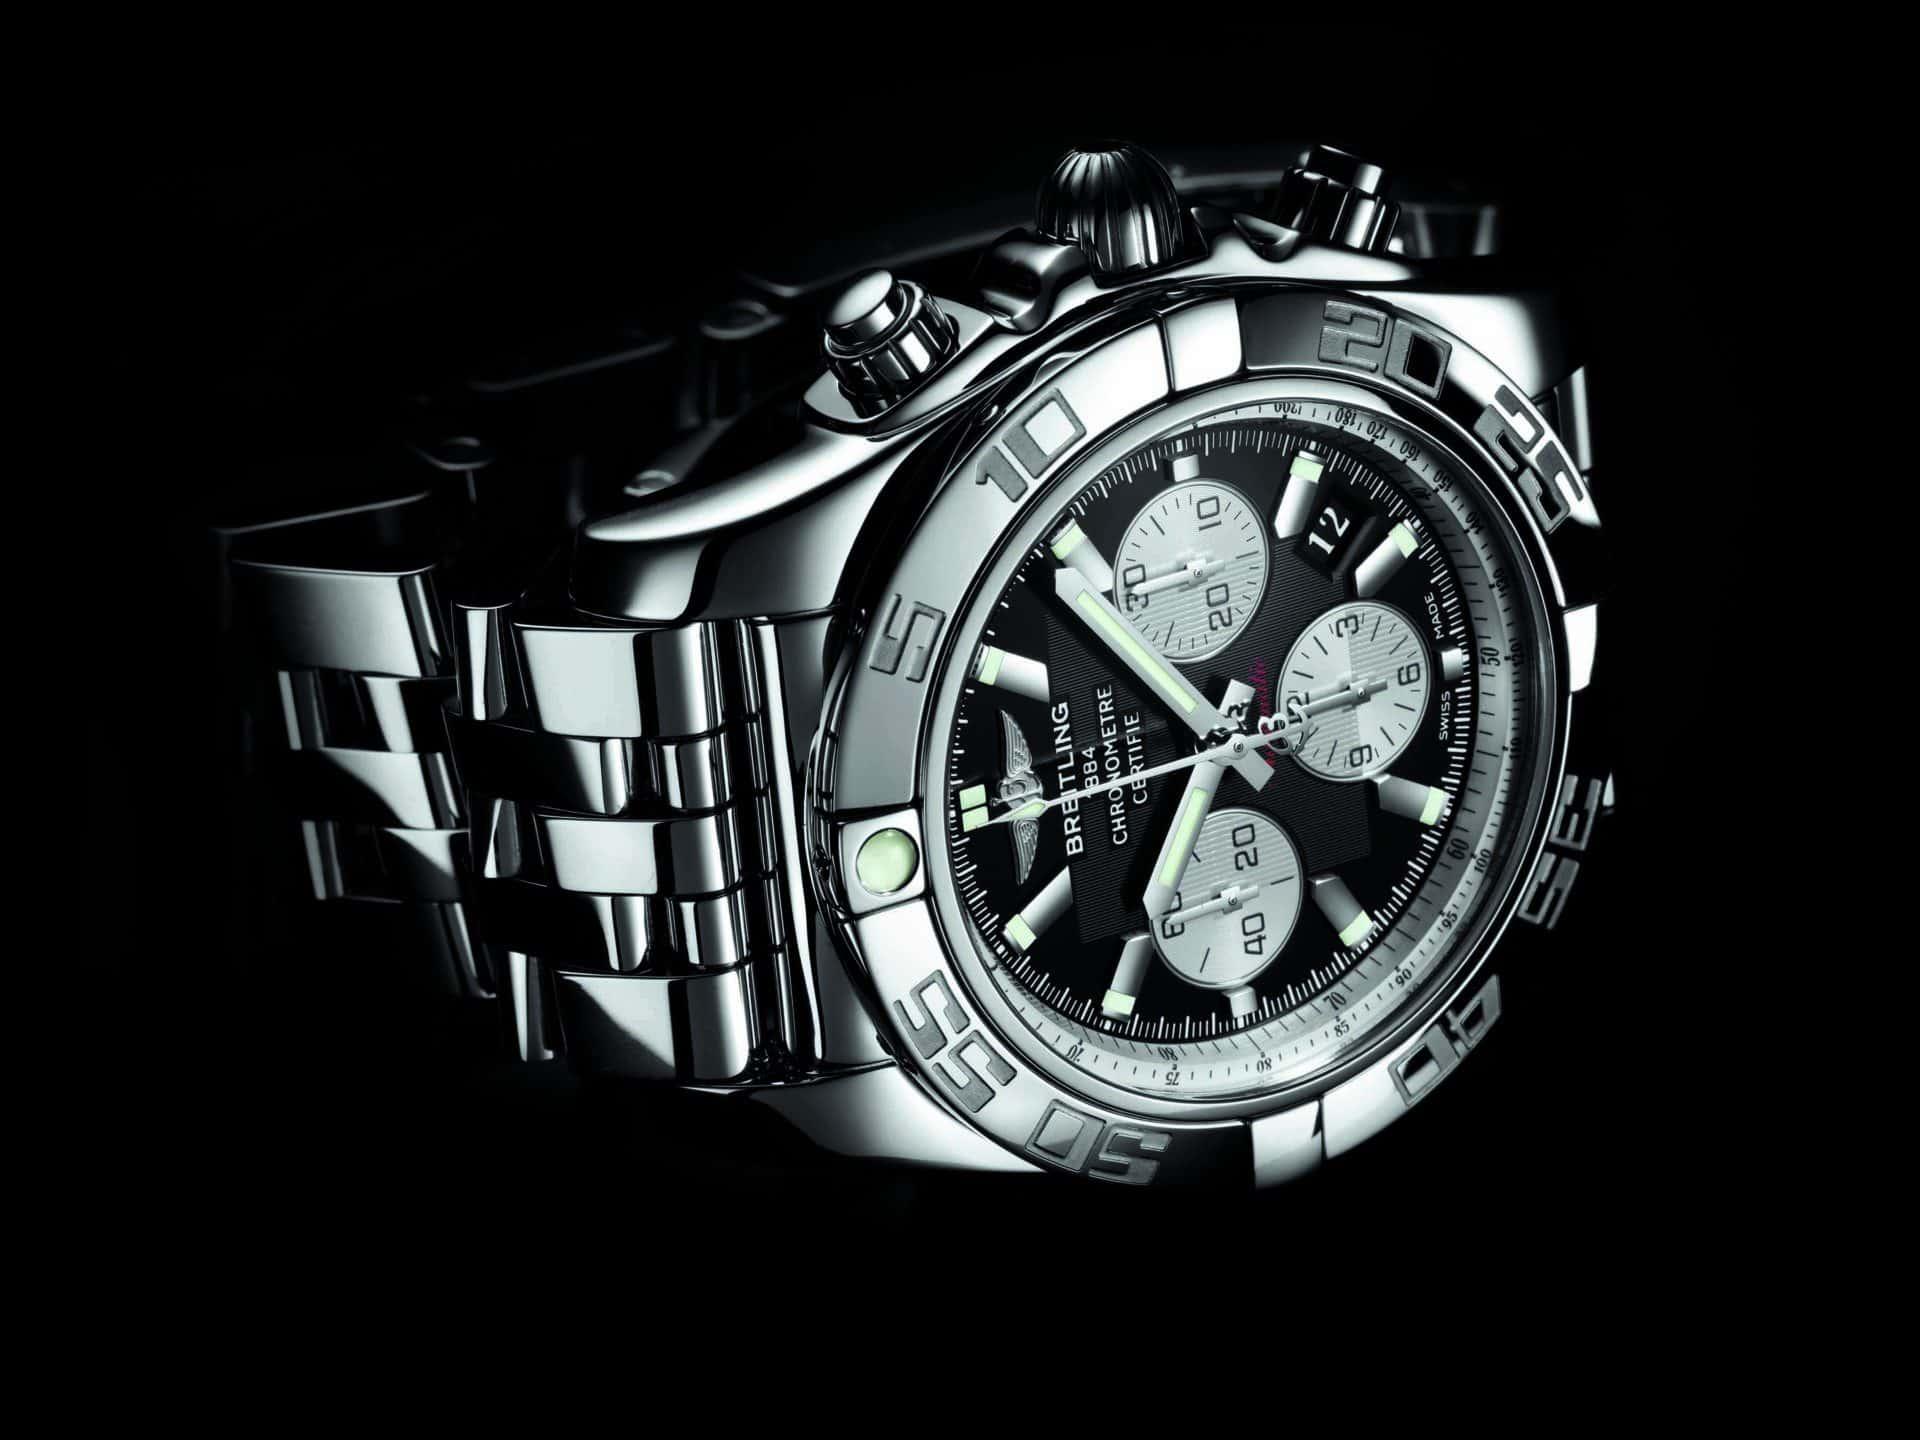 Der Chronomat B01 von Breitling ist ein Chronograph mit guter Funktionaliltät, aber auch Historie